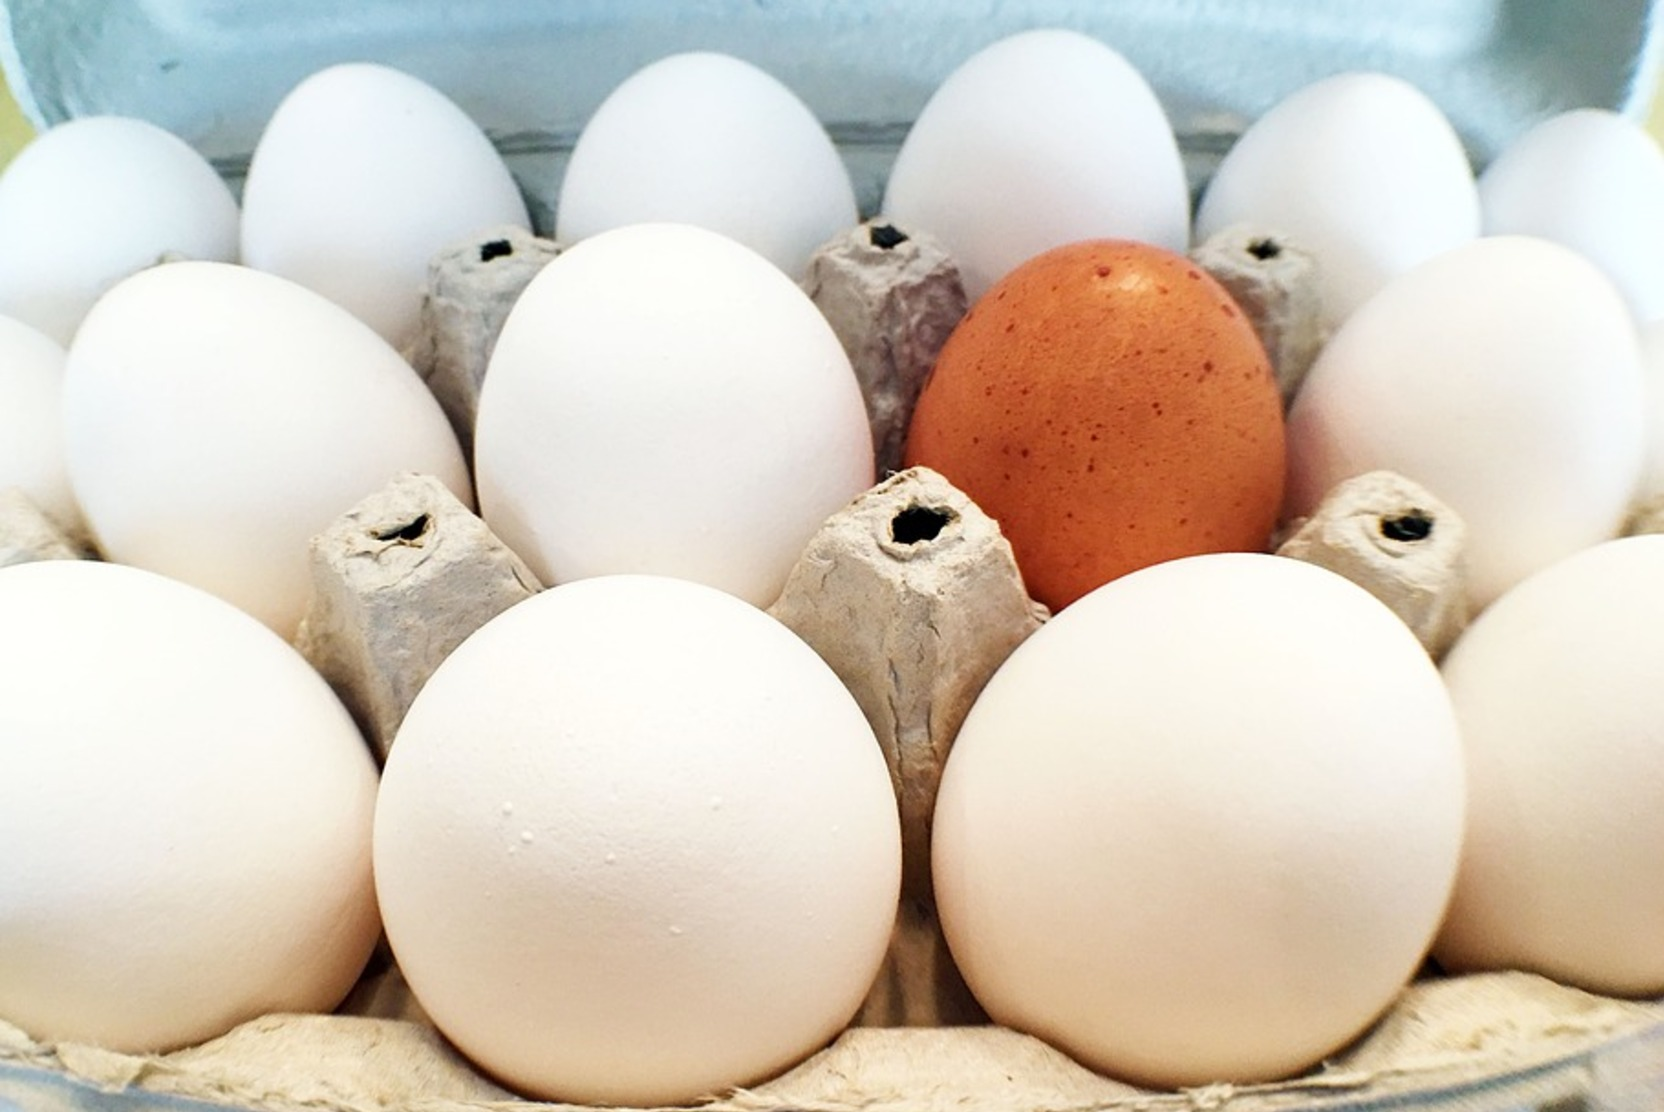 Россельхознадзор разрешил ввозить в Россию яйца и цыплят из Великобритании